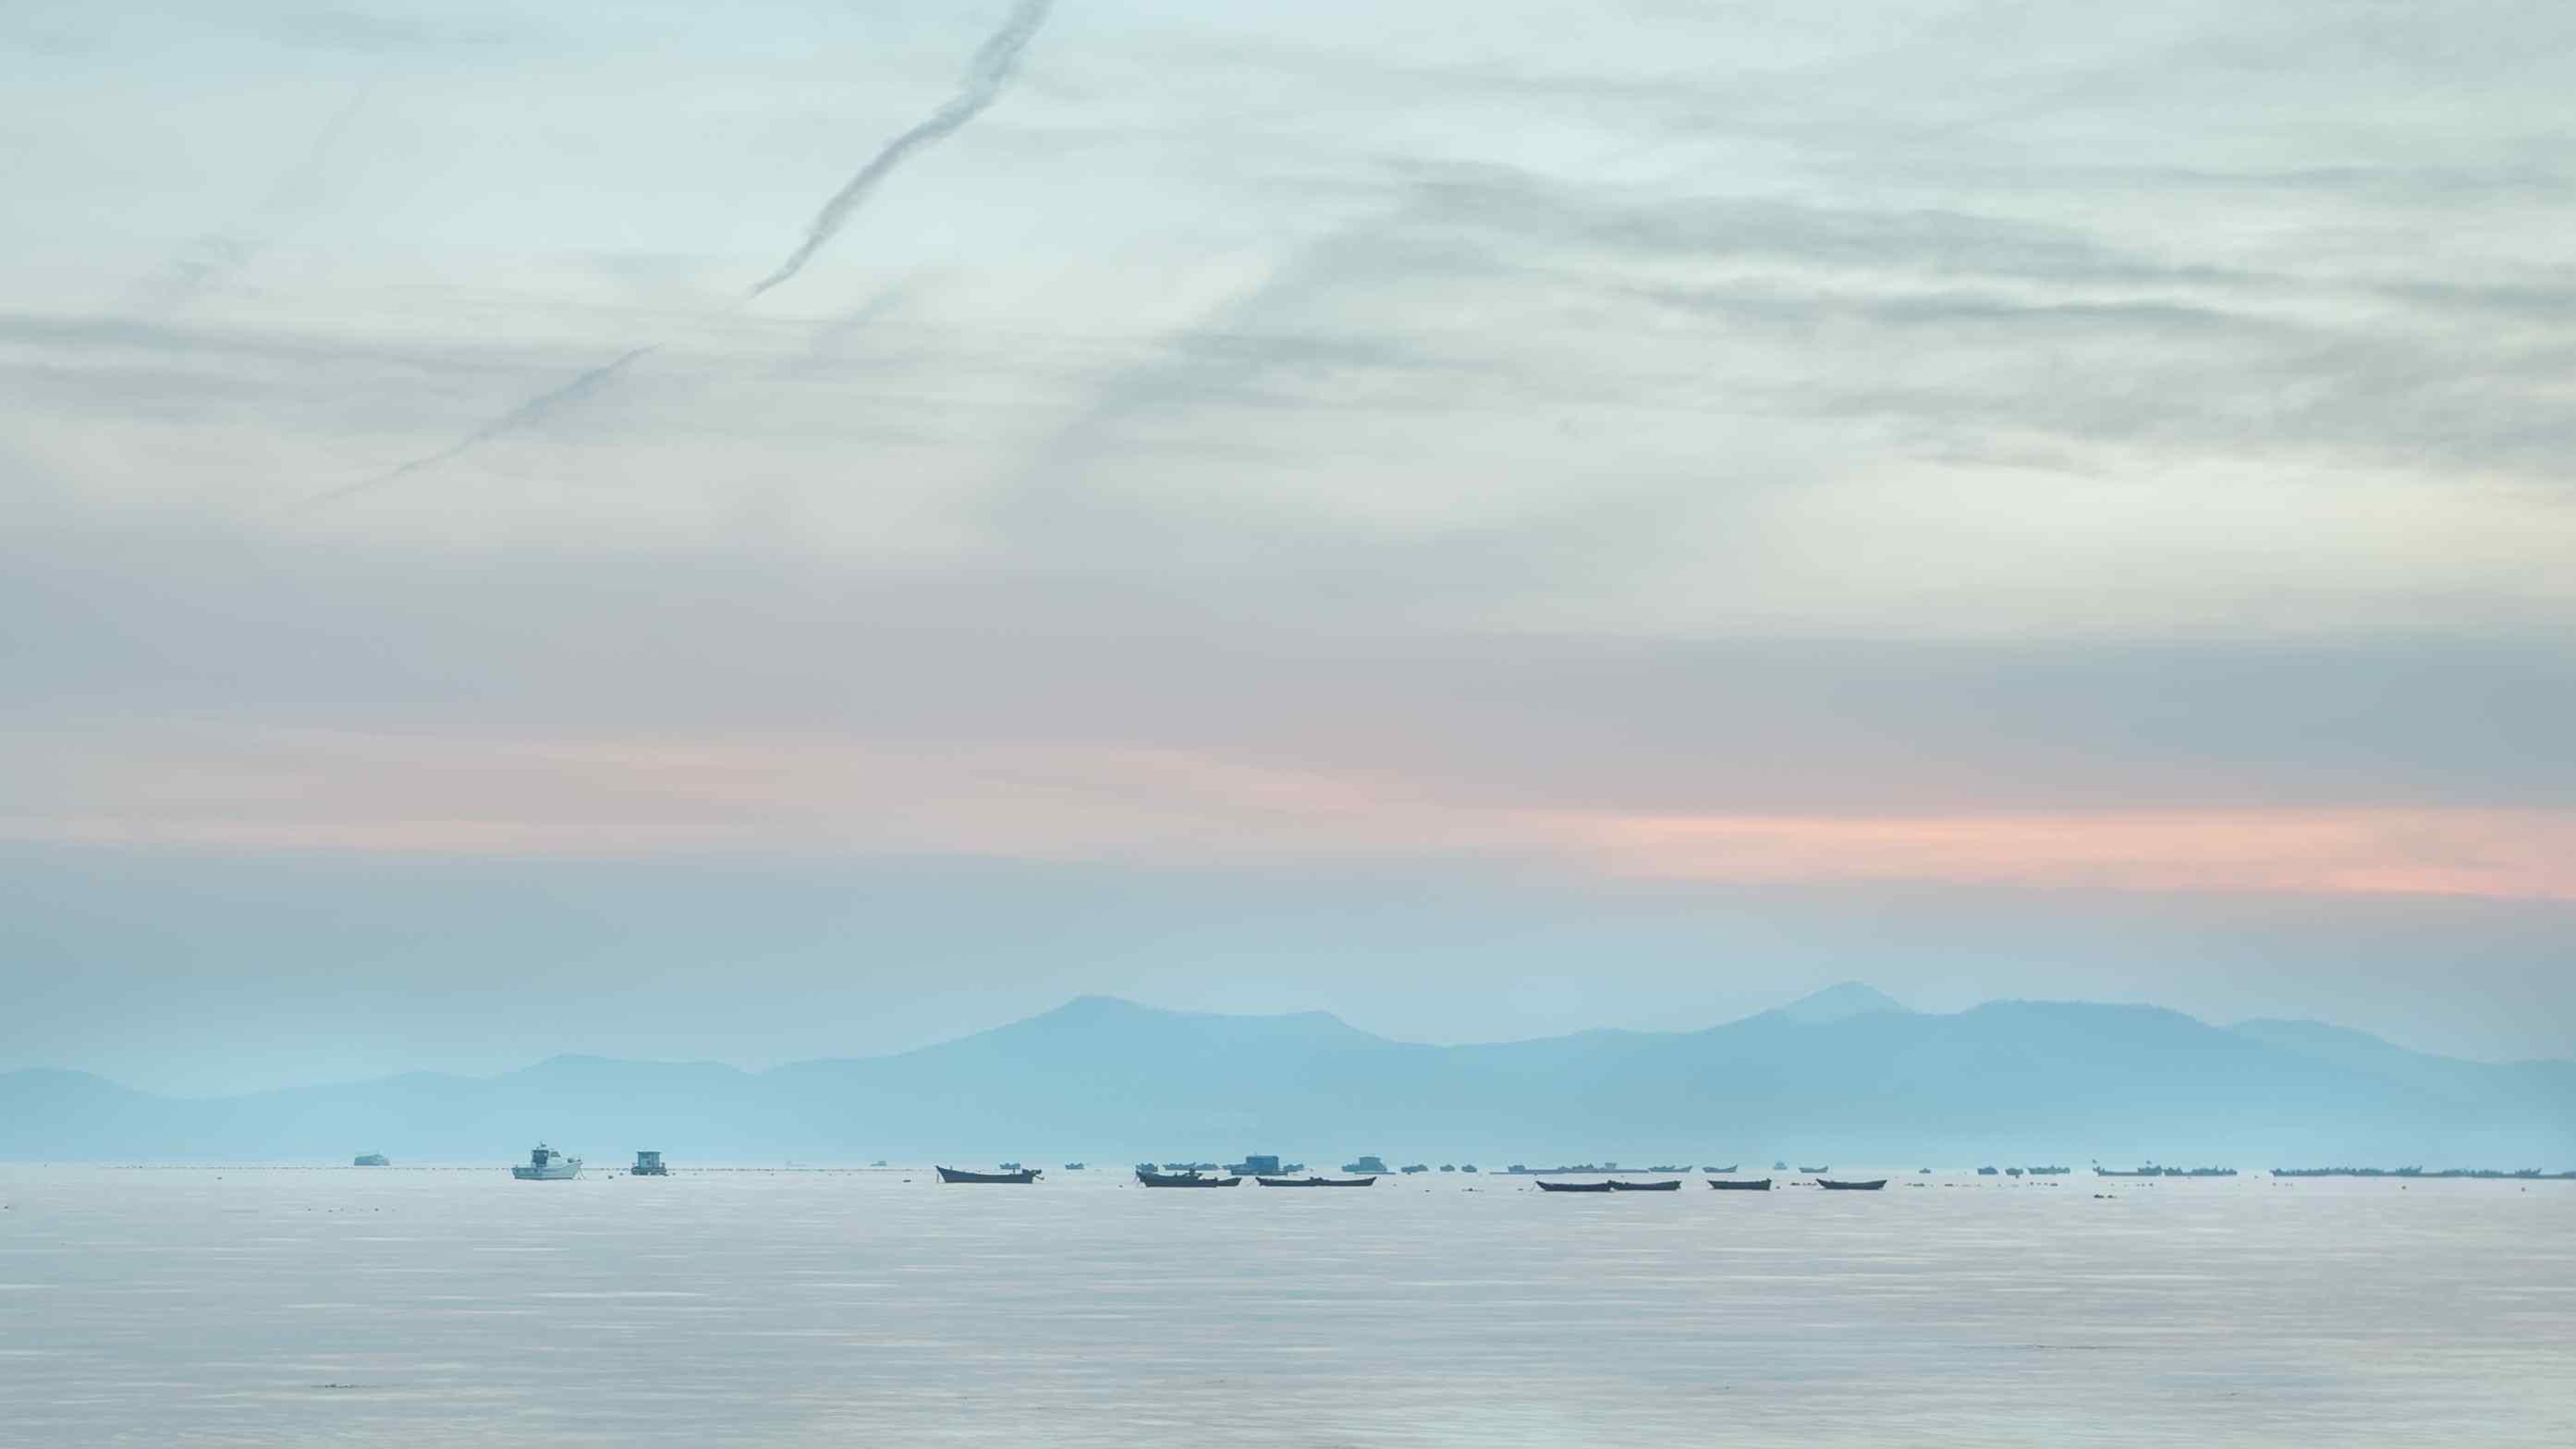 文艺唯美的大海与天空高清壁纸